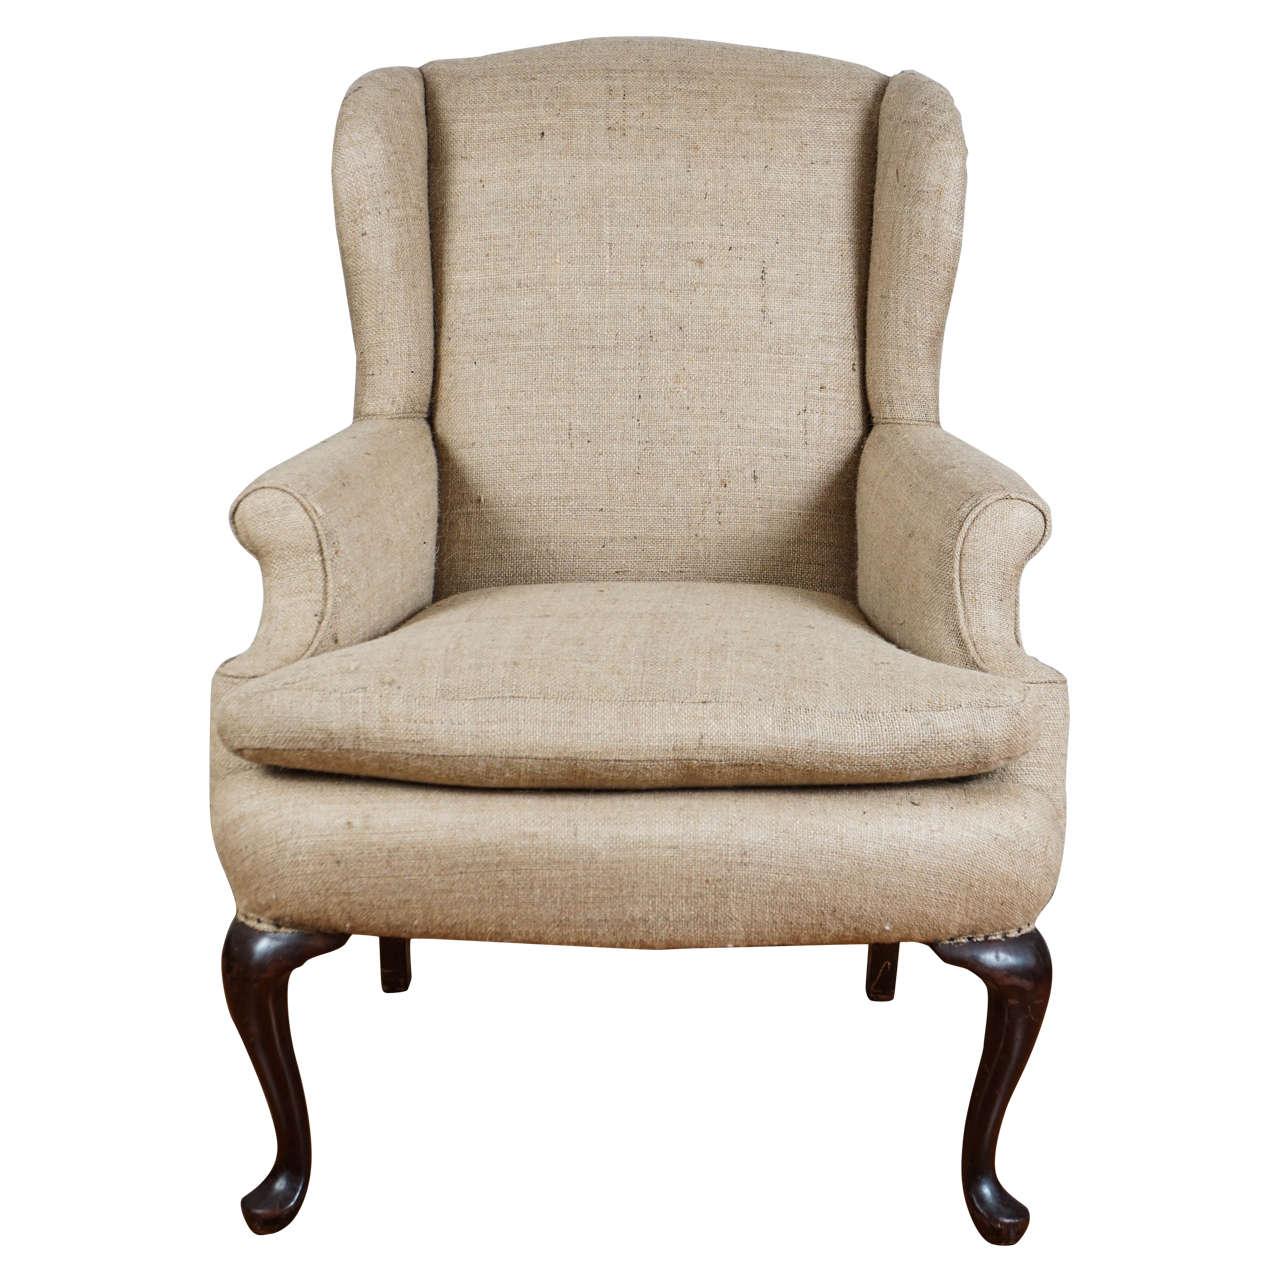 Merveilleux Burlap Wingback Chair For Sale